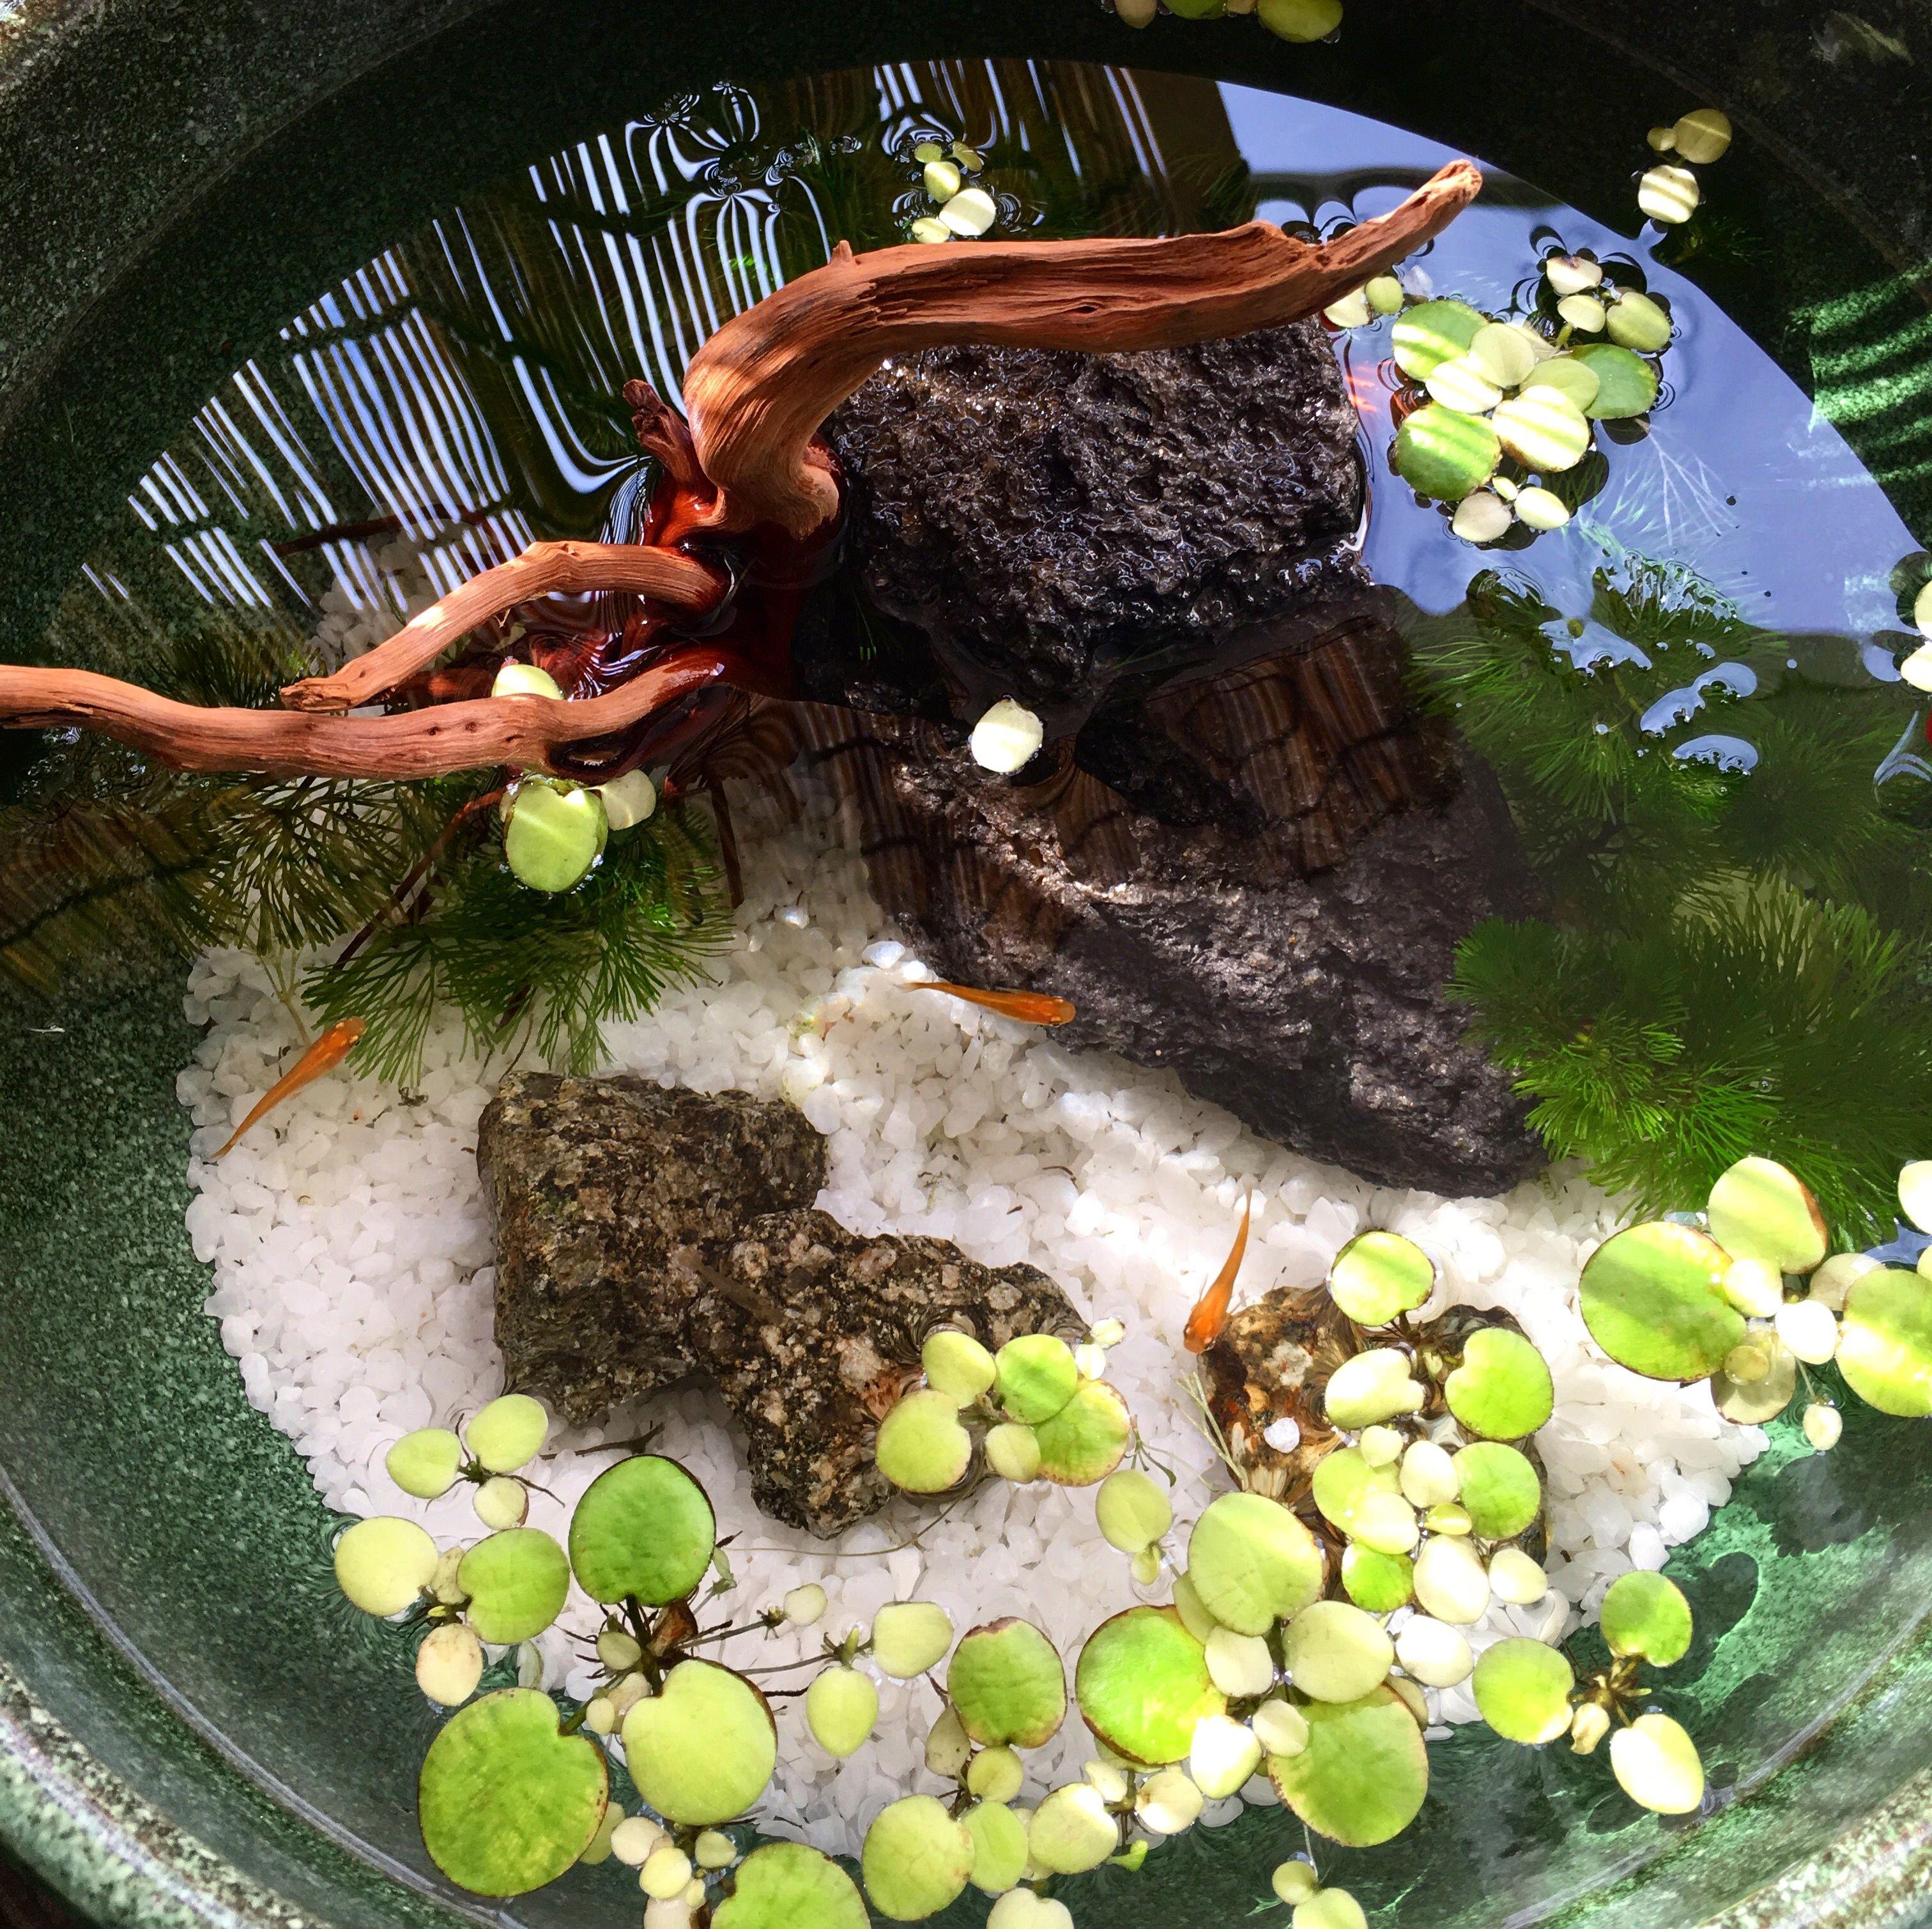 睡蓮鉢 楊貴妃メダカ fishquarium pinterest fish pond gardens